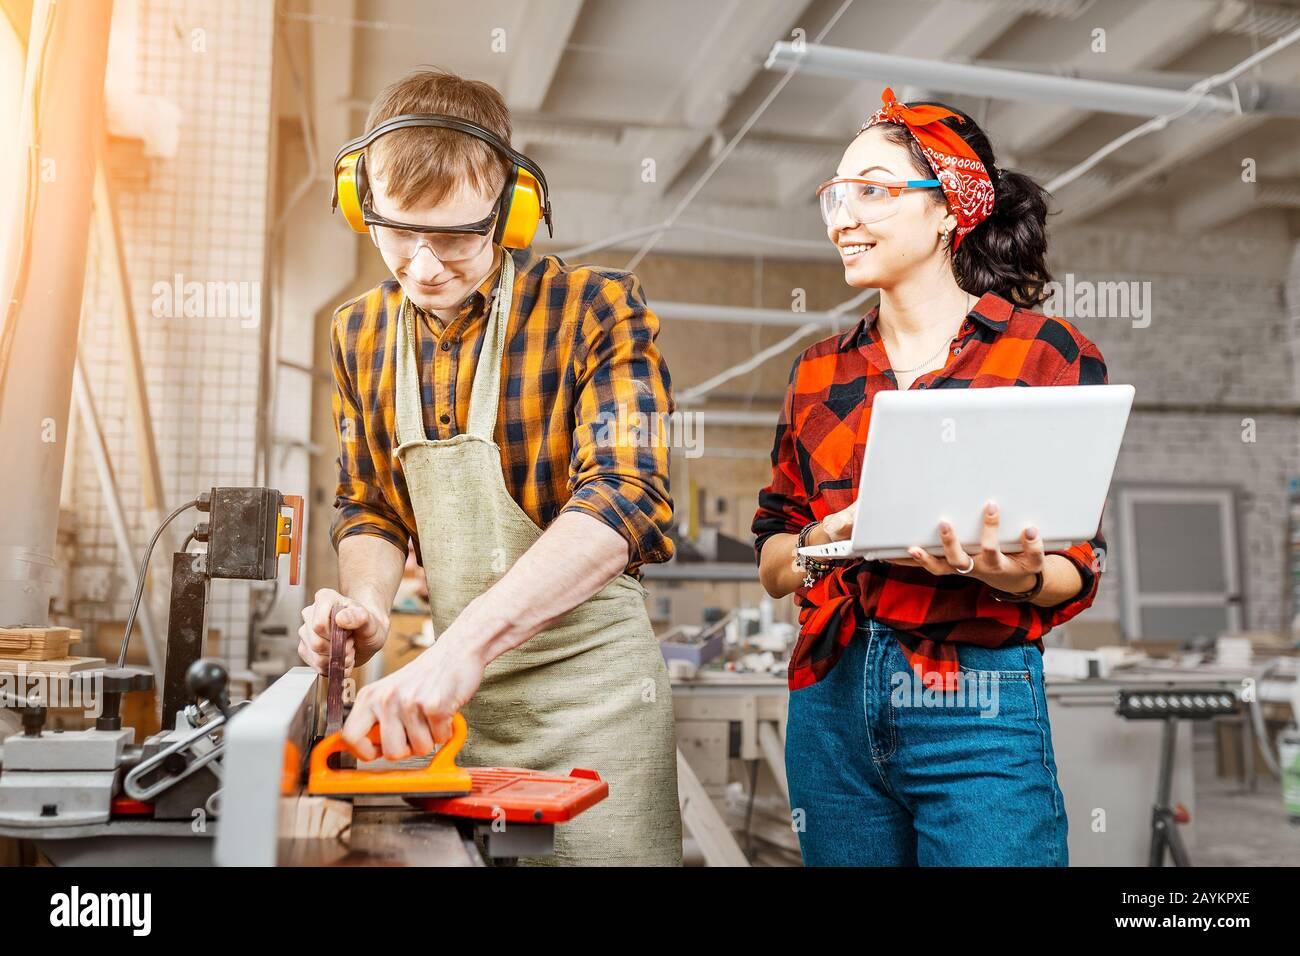 Donna asiatica con un laptop e un uomo con una sega circolare che lavora in una fabbrica o in un laboratorio Foto Stock